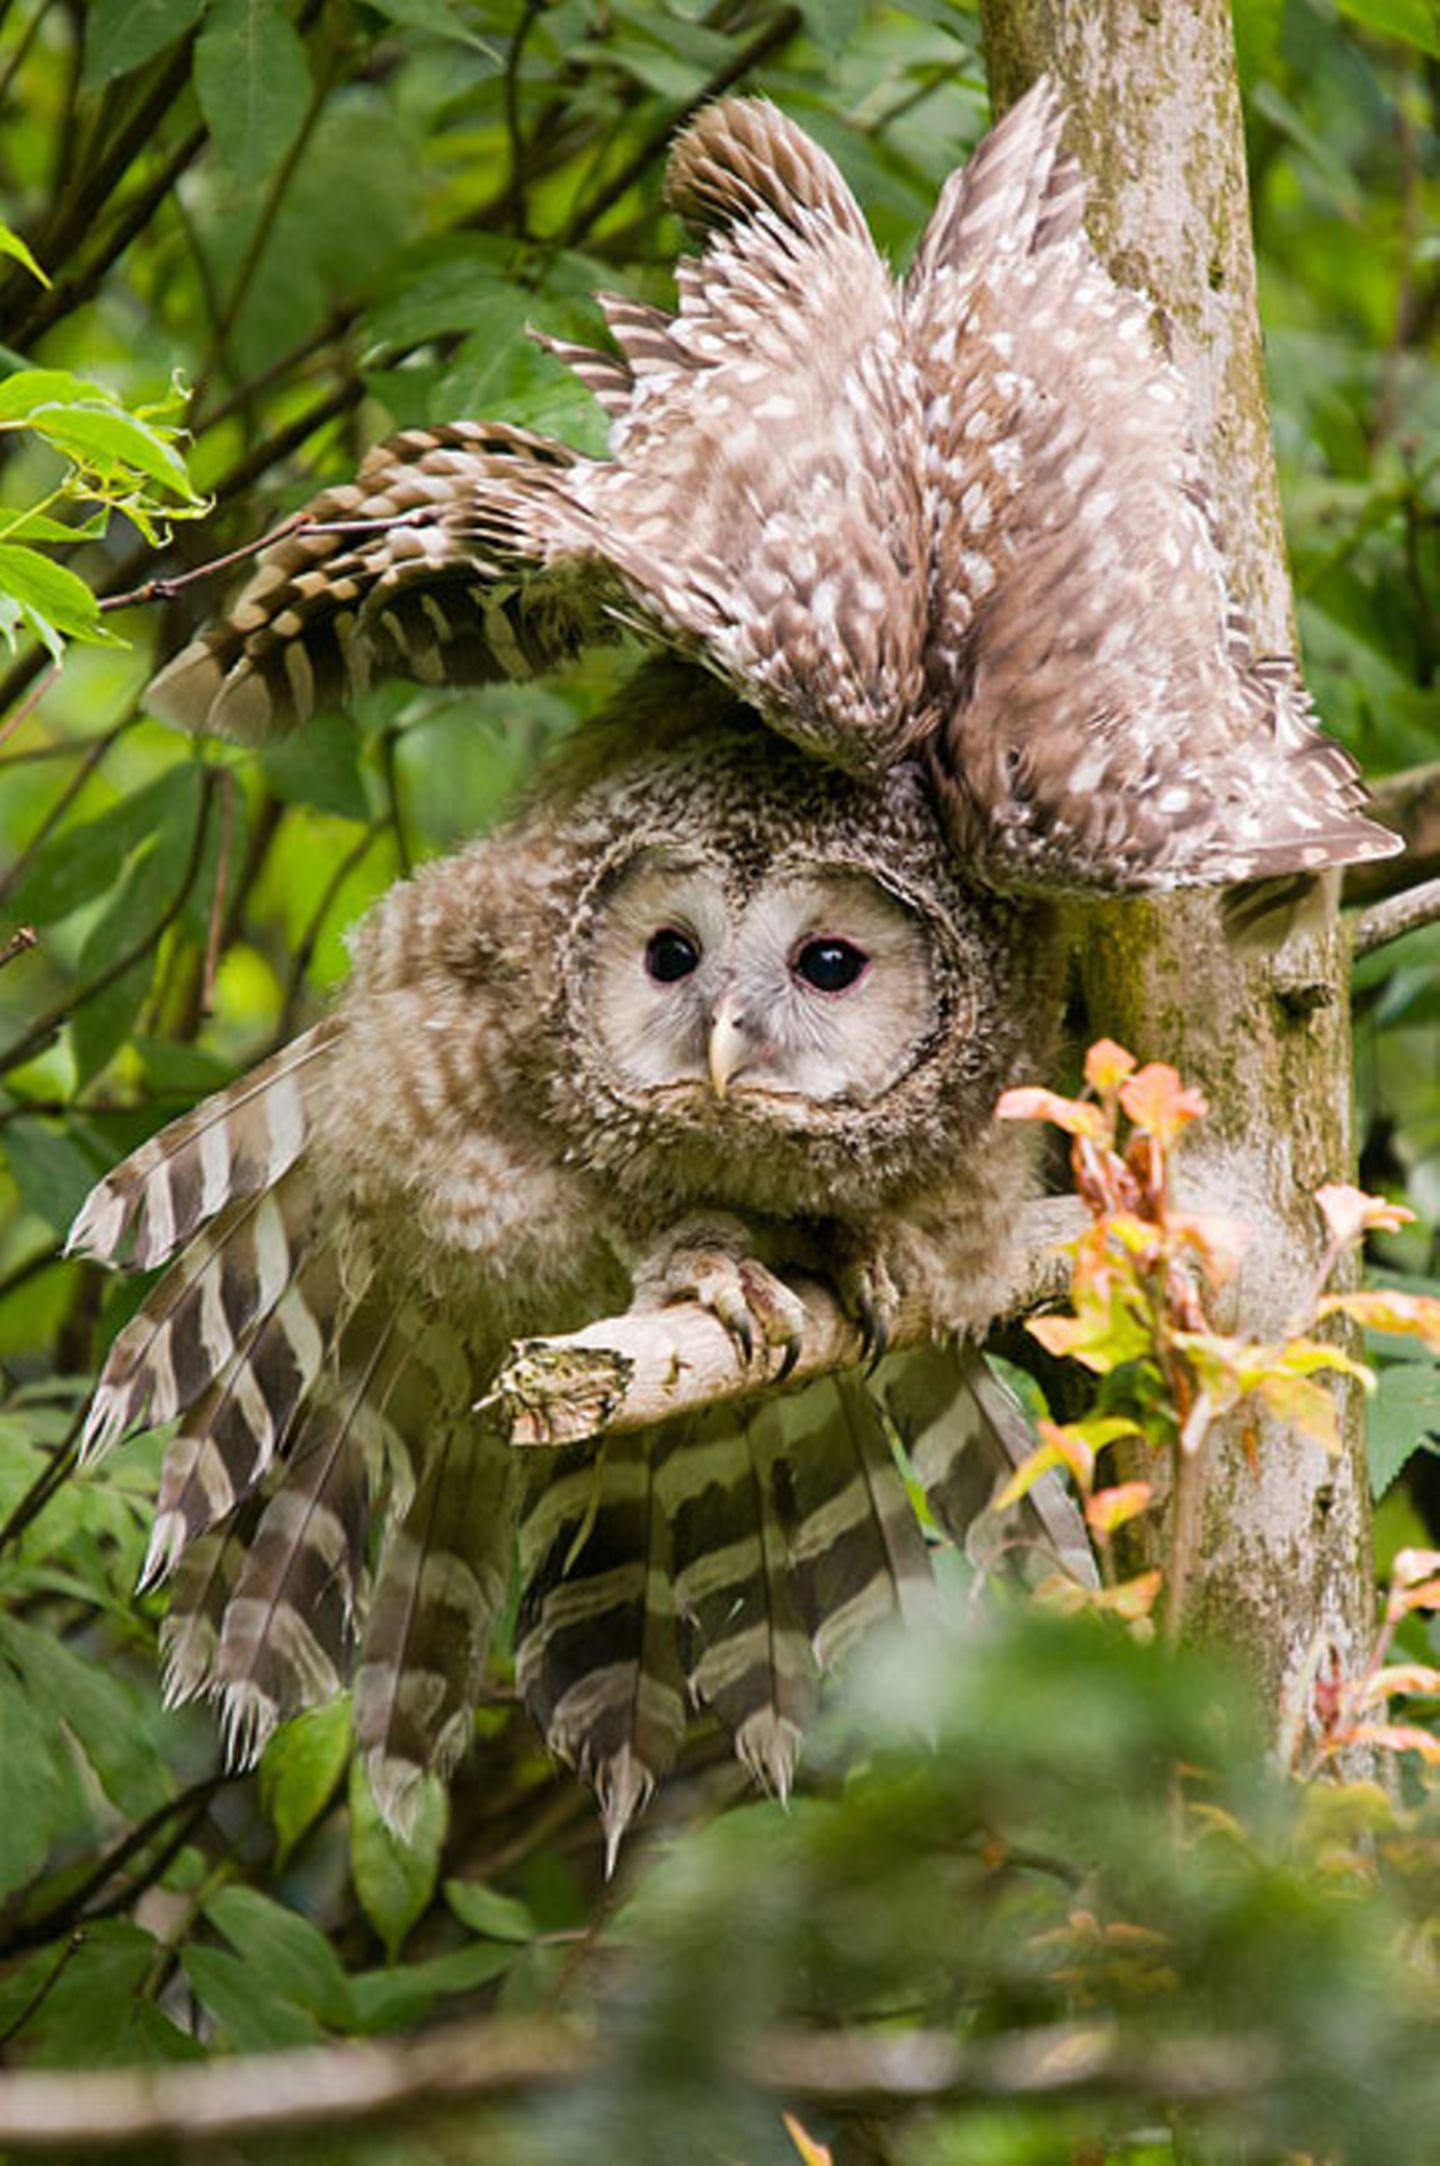 Fotogalerie: Biologische Vielfalt - Bild 2